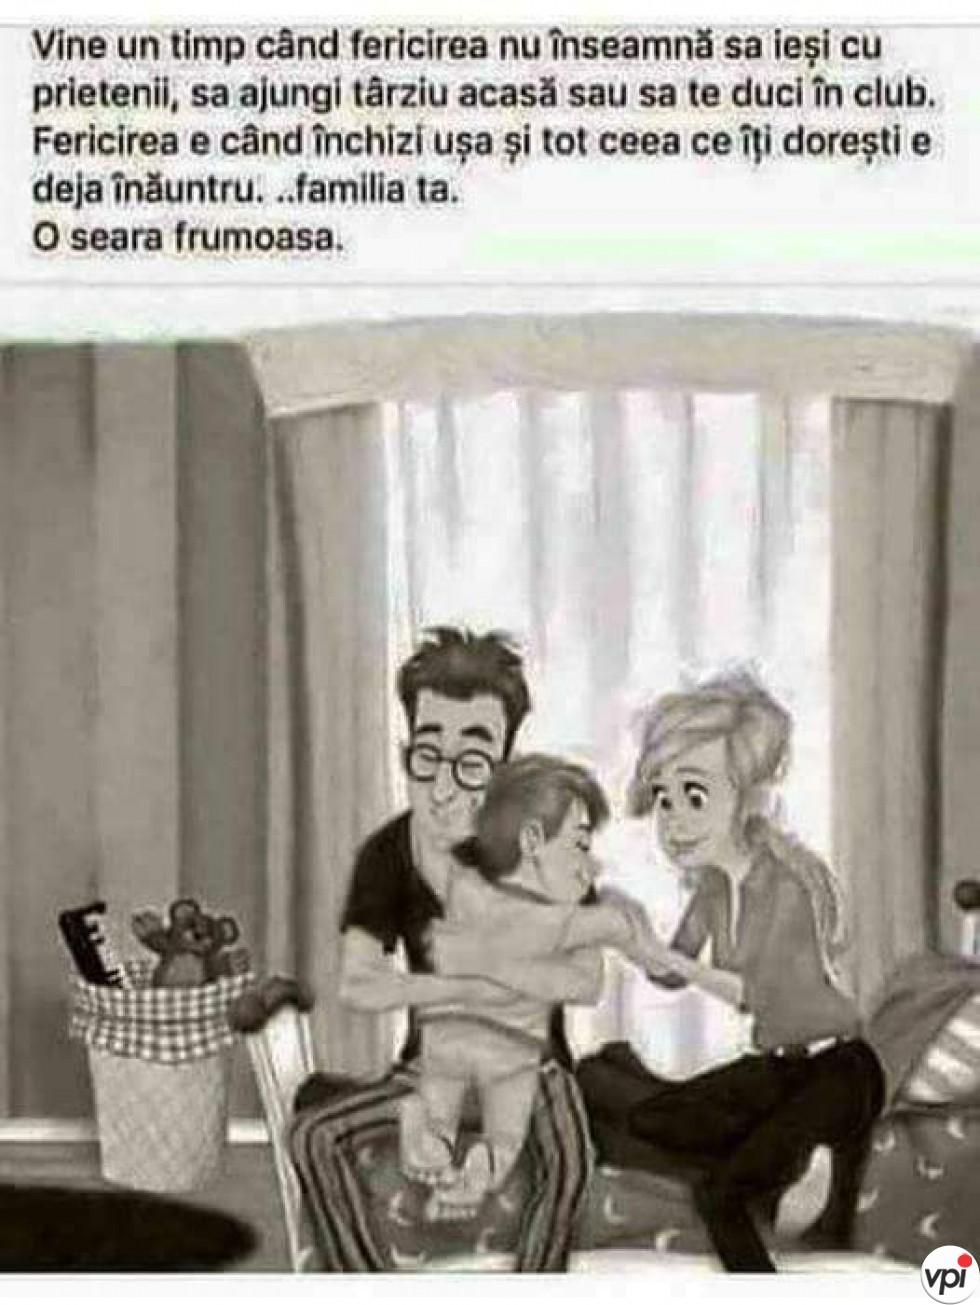 Familia îți aduce fericire